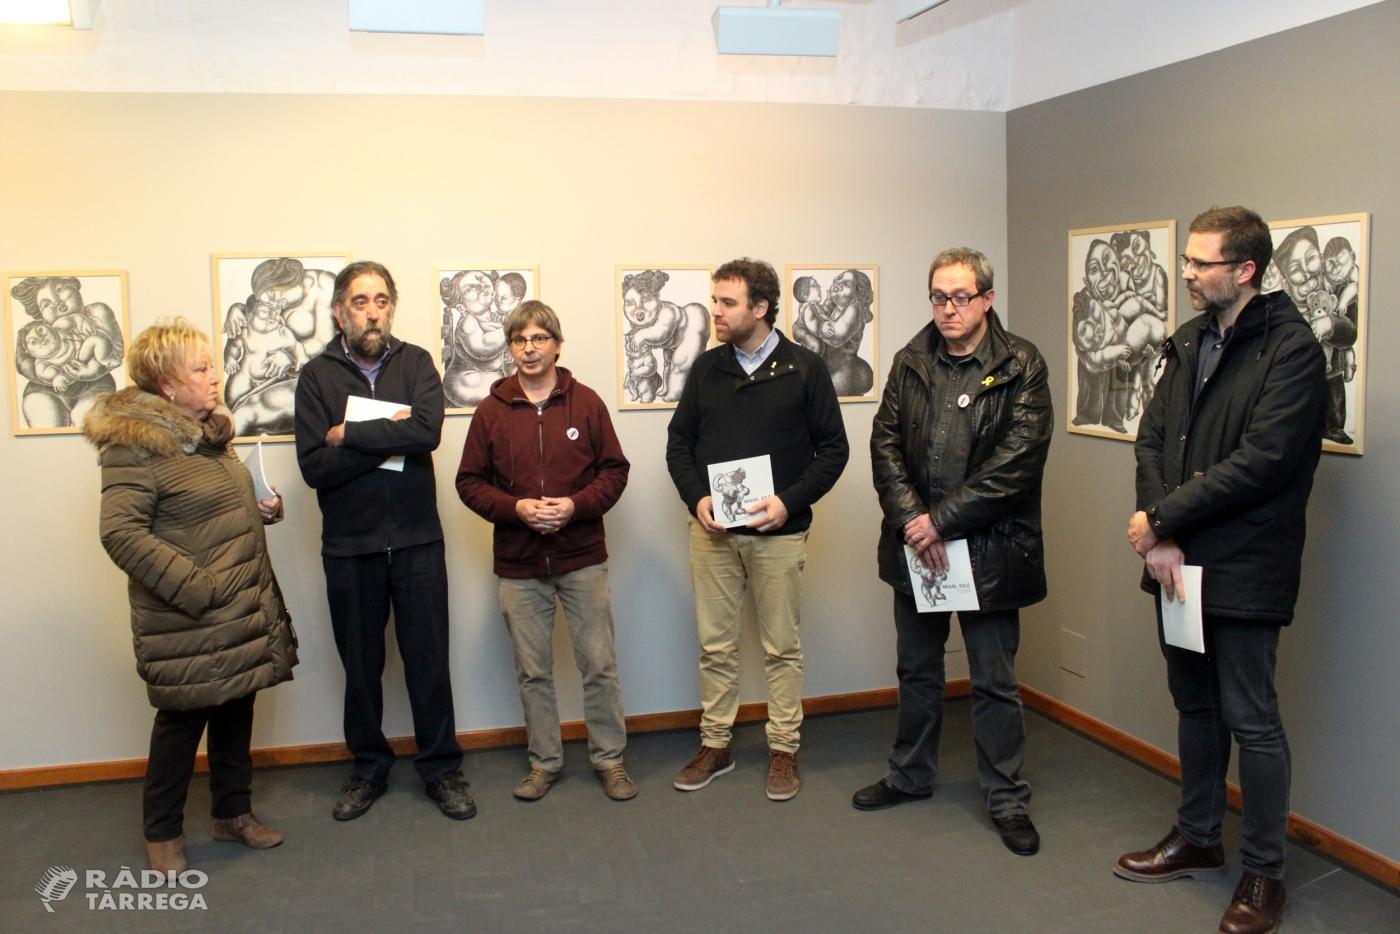 Tàrrega ret un reconeixement pòstum a l'artista local Miquel Solé en una exposició que recull les seves darreres obres inèdites